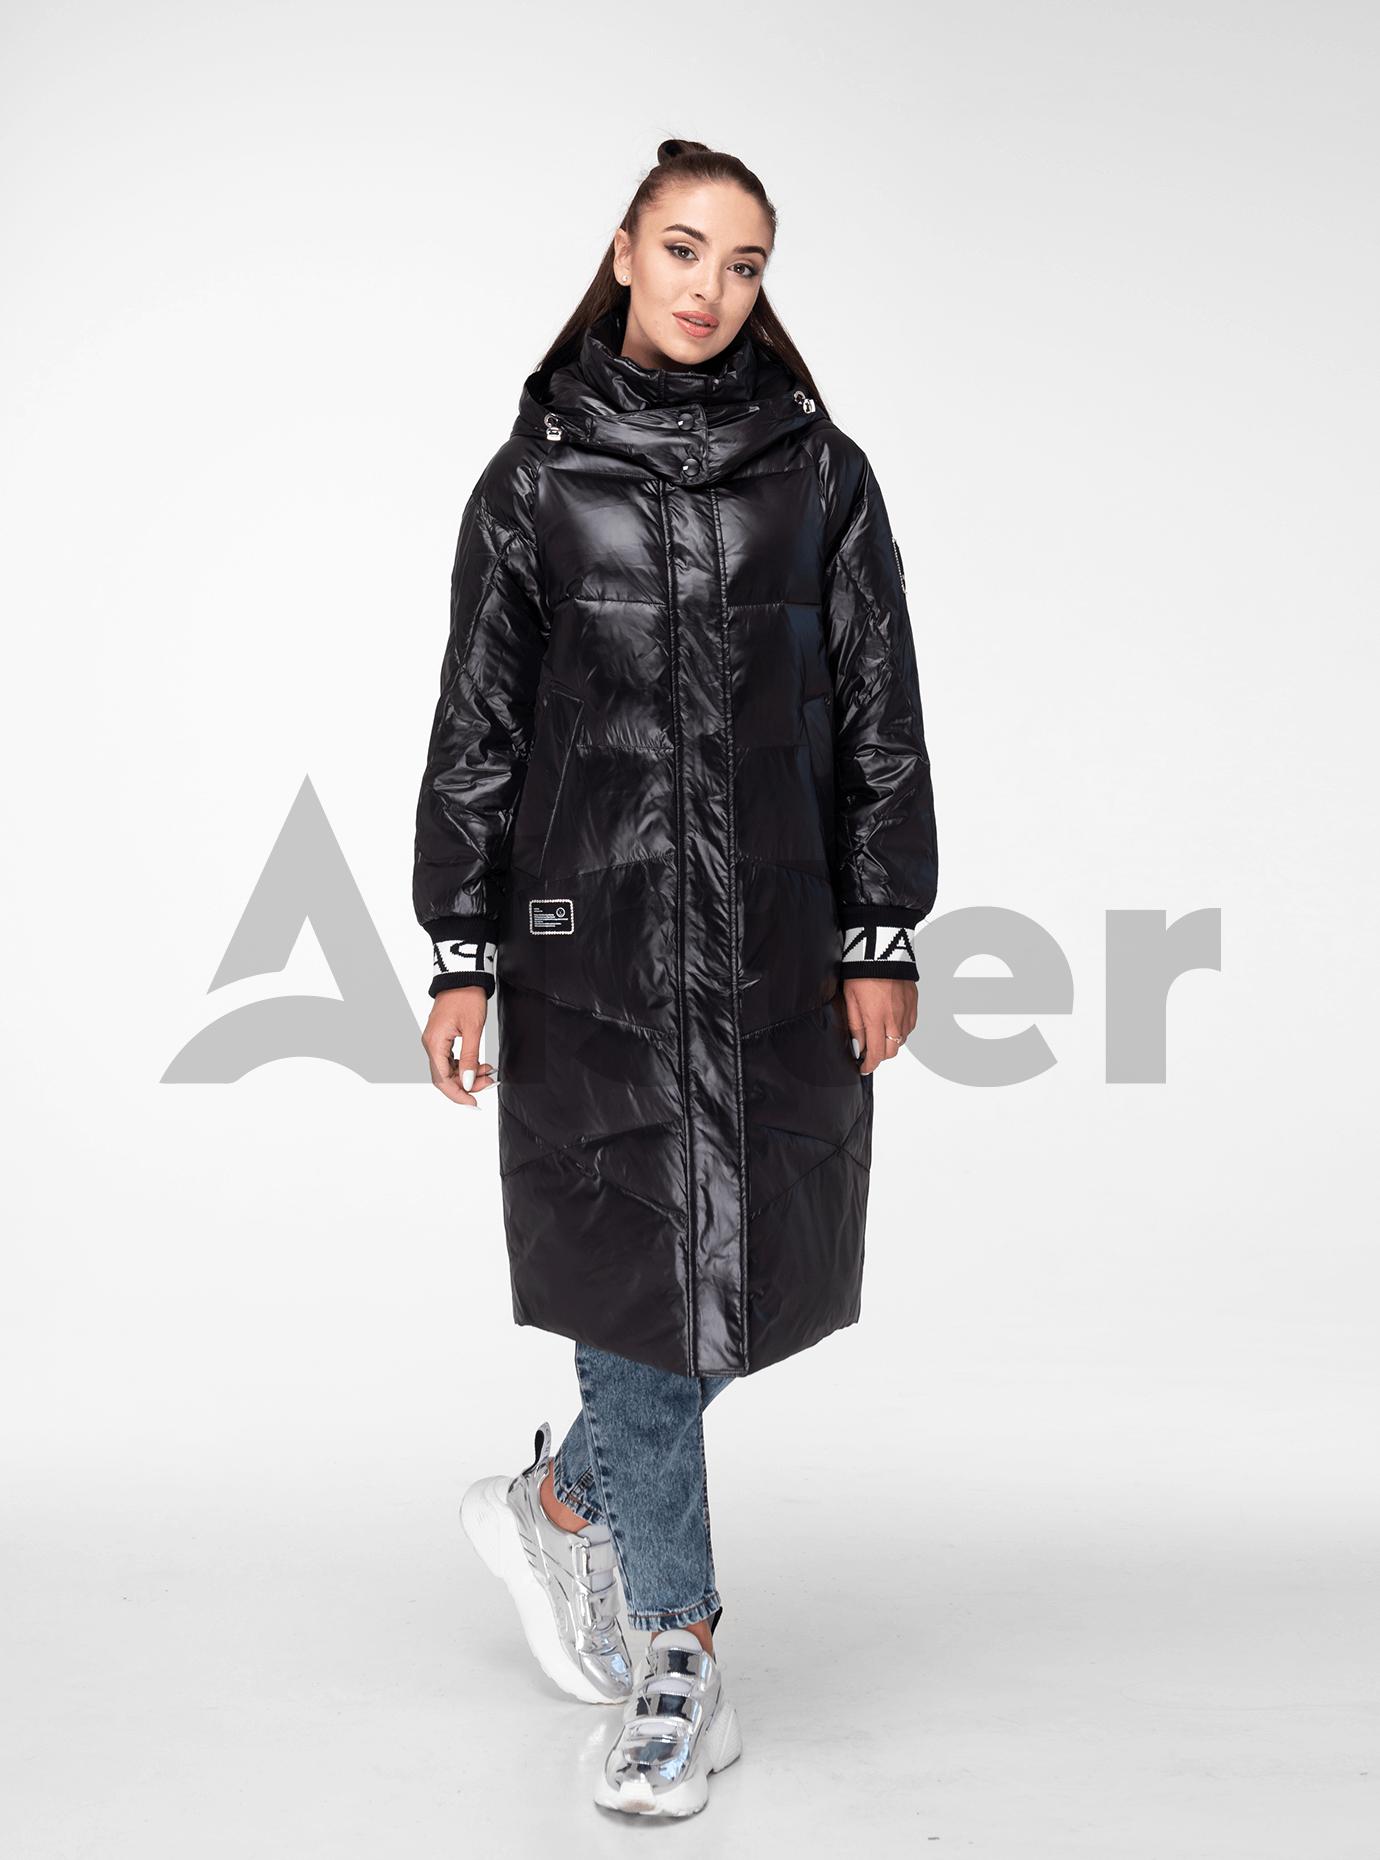 Куртка зимняя длинная с цветными манжетами Чёрно-белый L (05-V191136): фото - Alster.ua